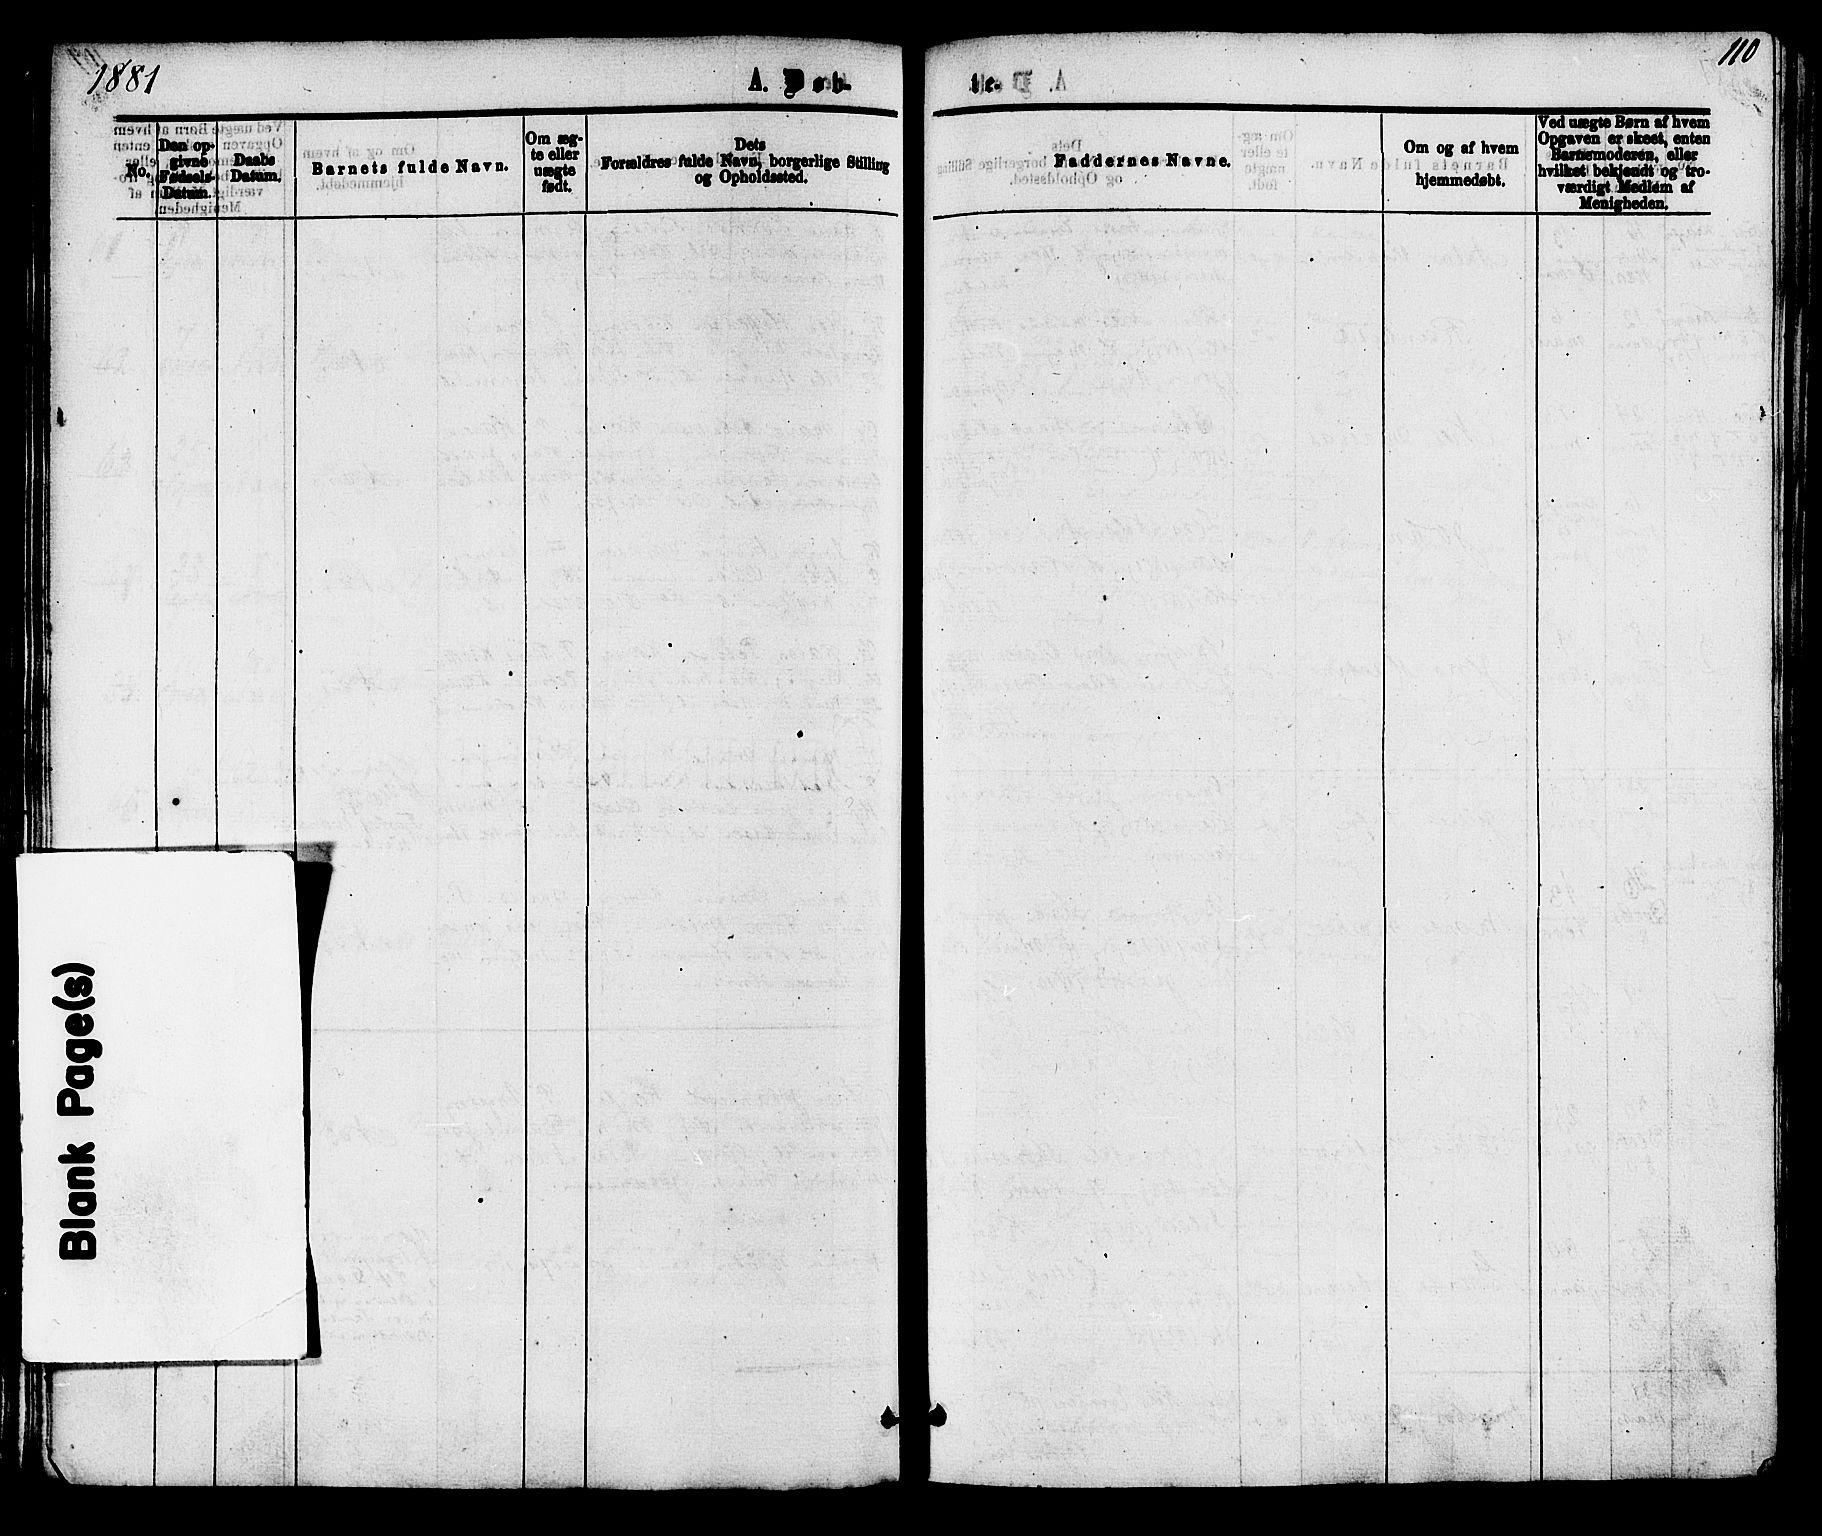 SAKO, Skåtøy kirkebøker, F/Fa/L0001: Ministerialbok nr. I 1, 1874-1883, s. 110